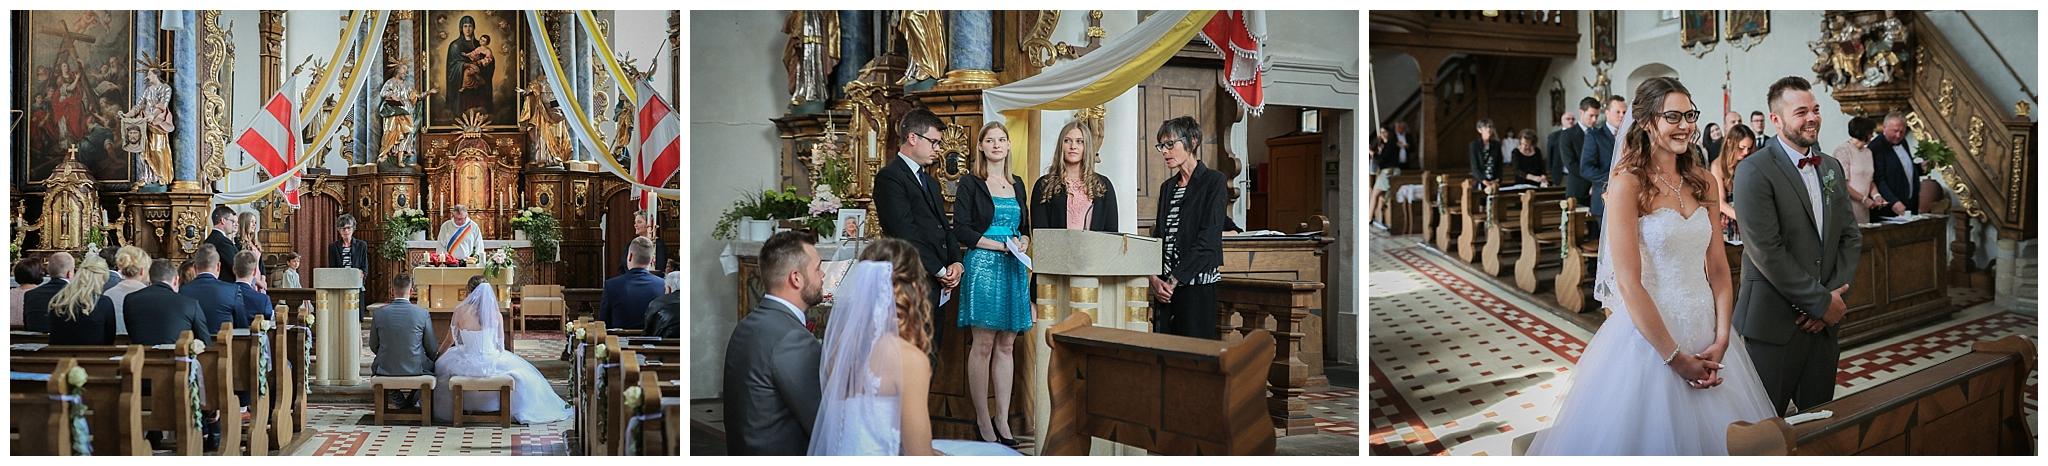 Hochzeit_Menninger_dieLICHTBUILDER_41.jpg